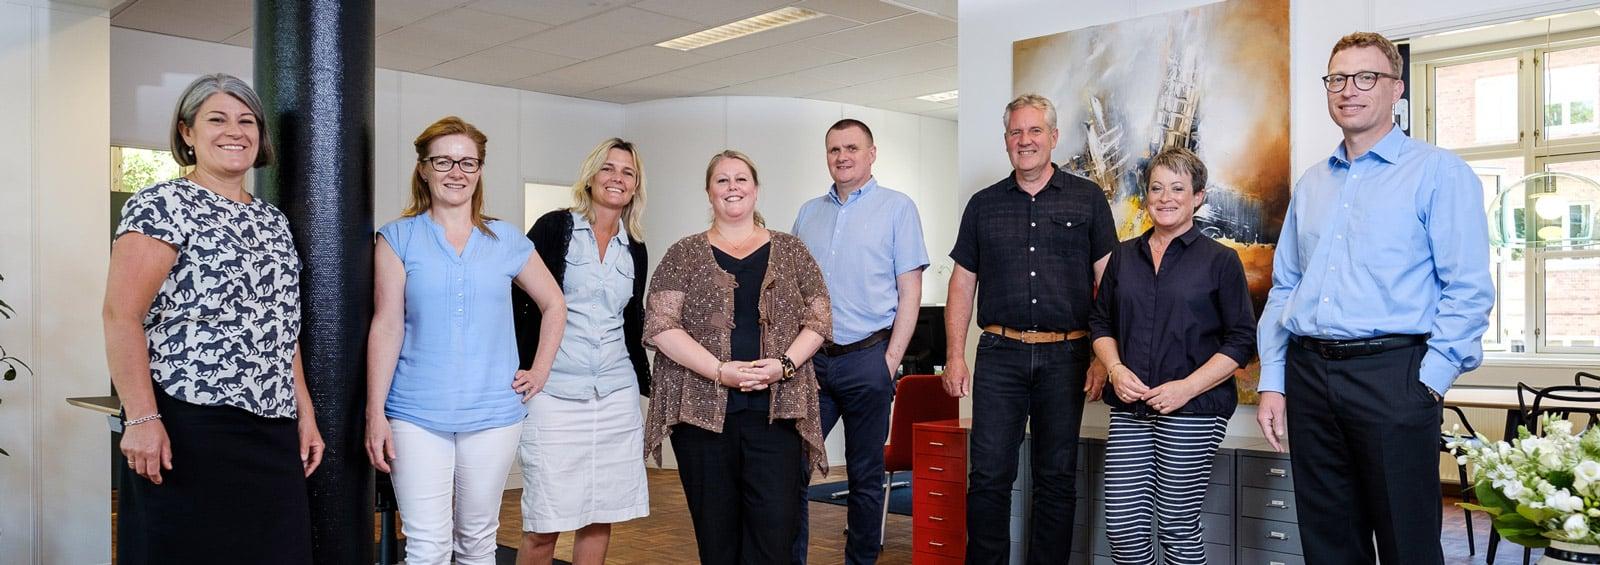 ABC Regnskab Team